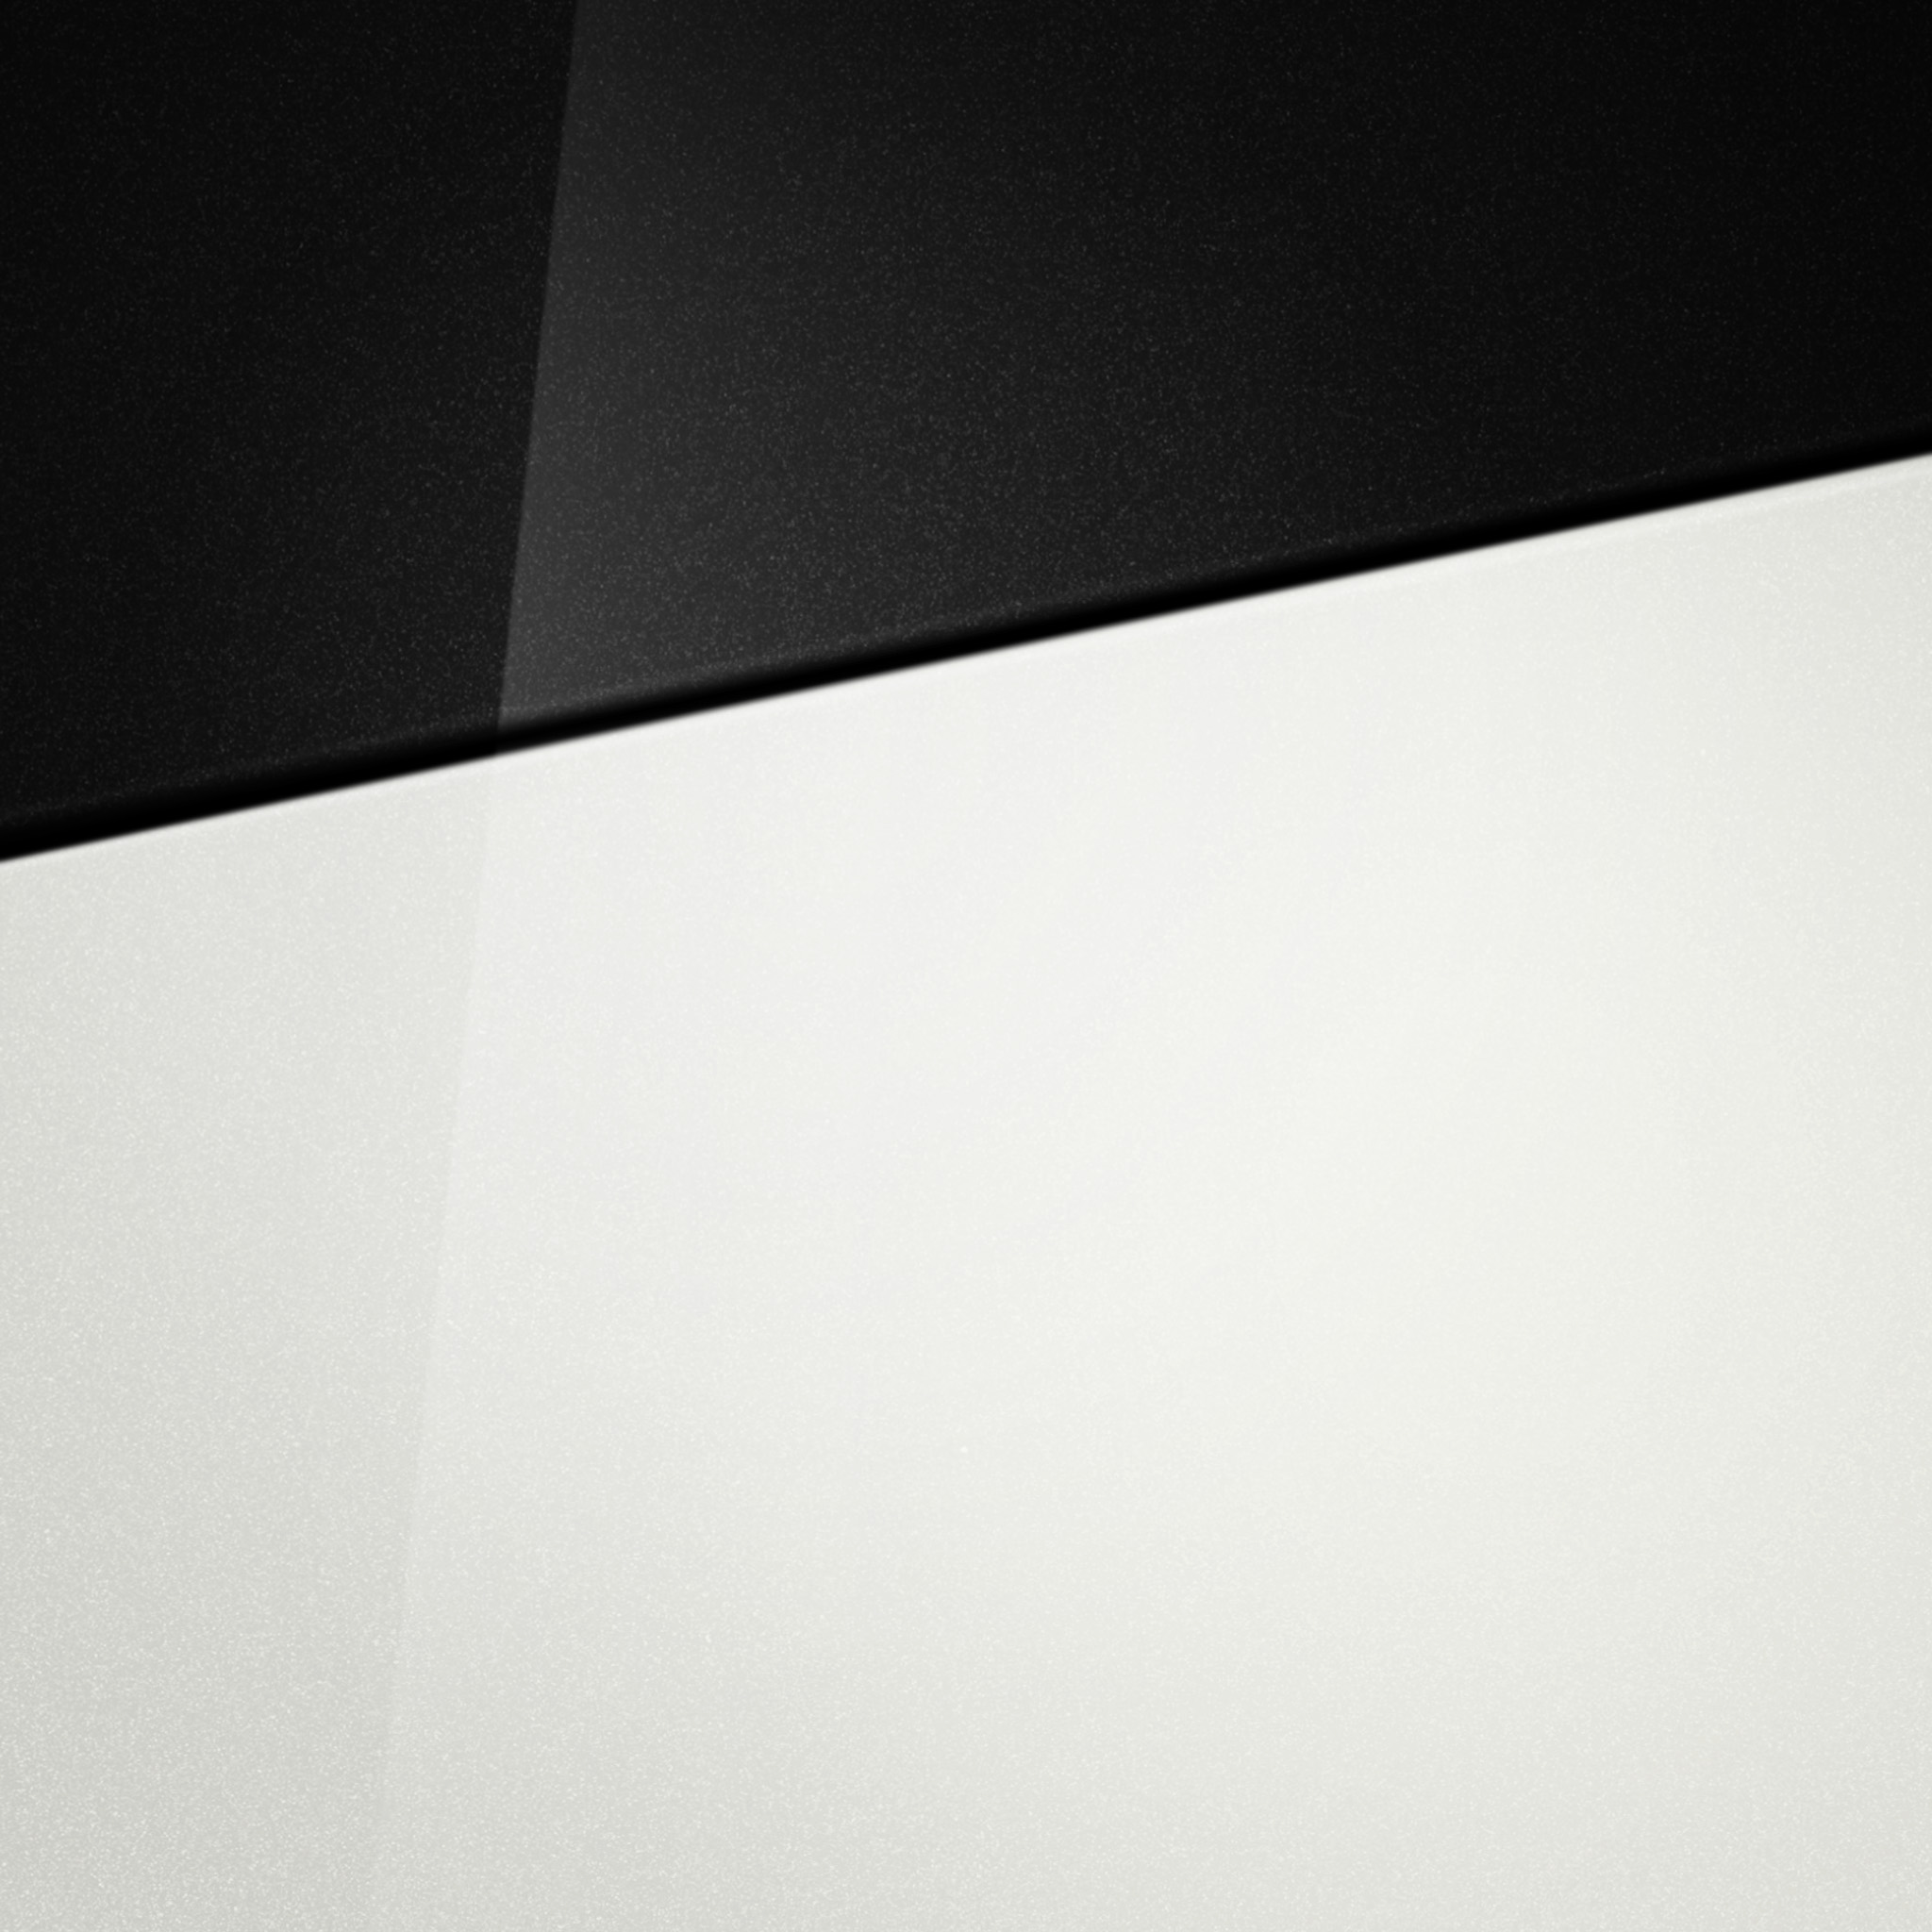 Polar White / Schwarz) Bild